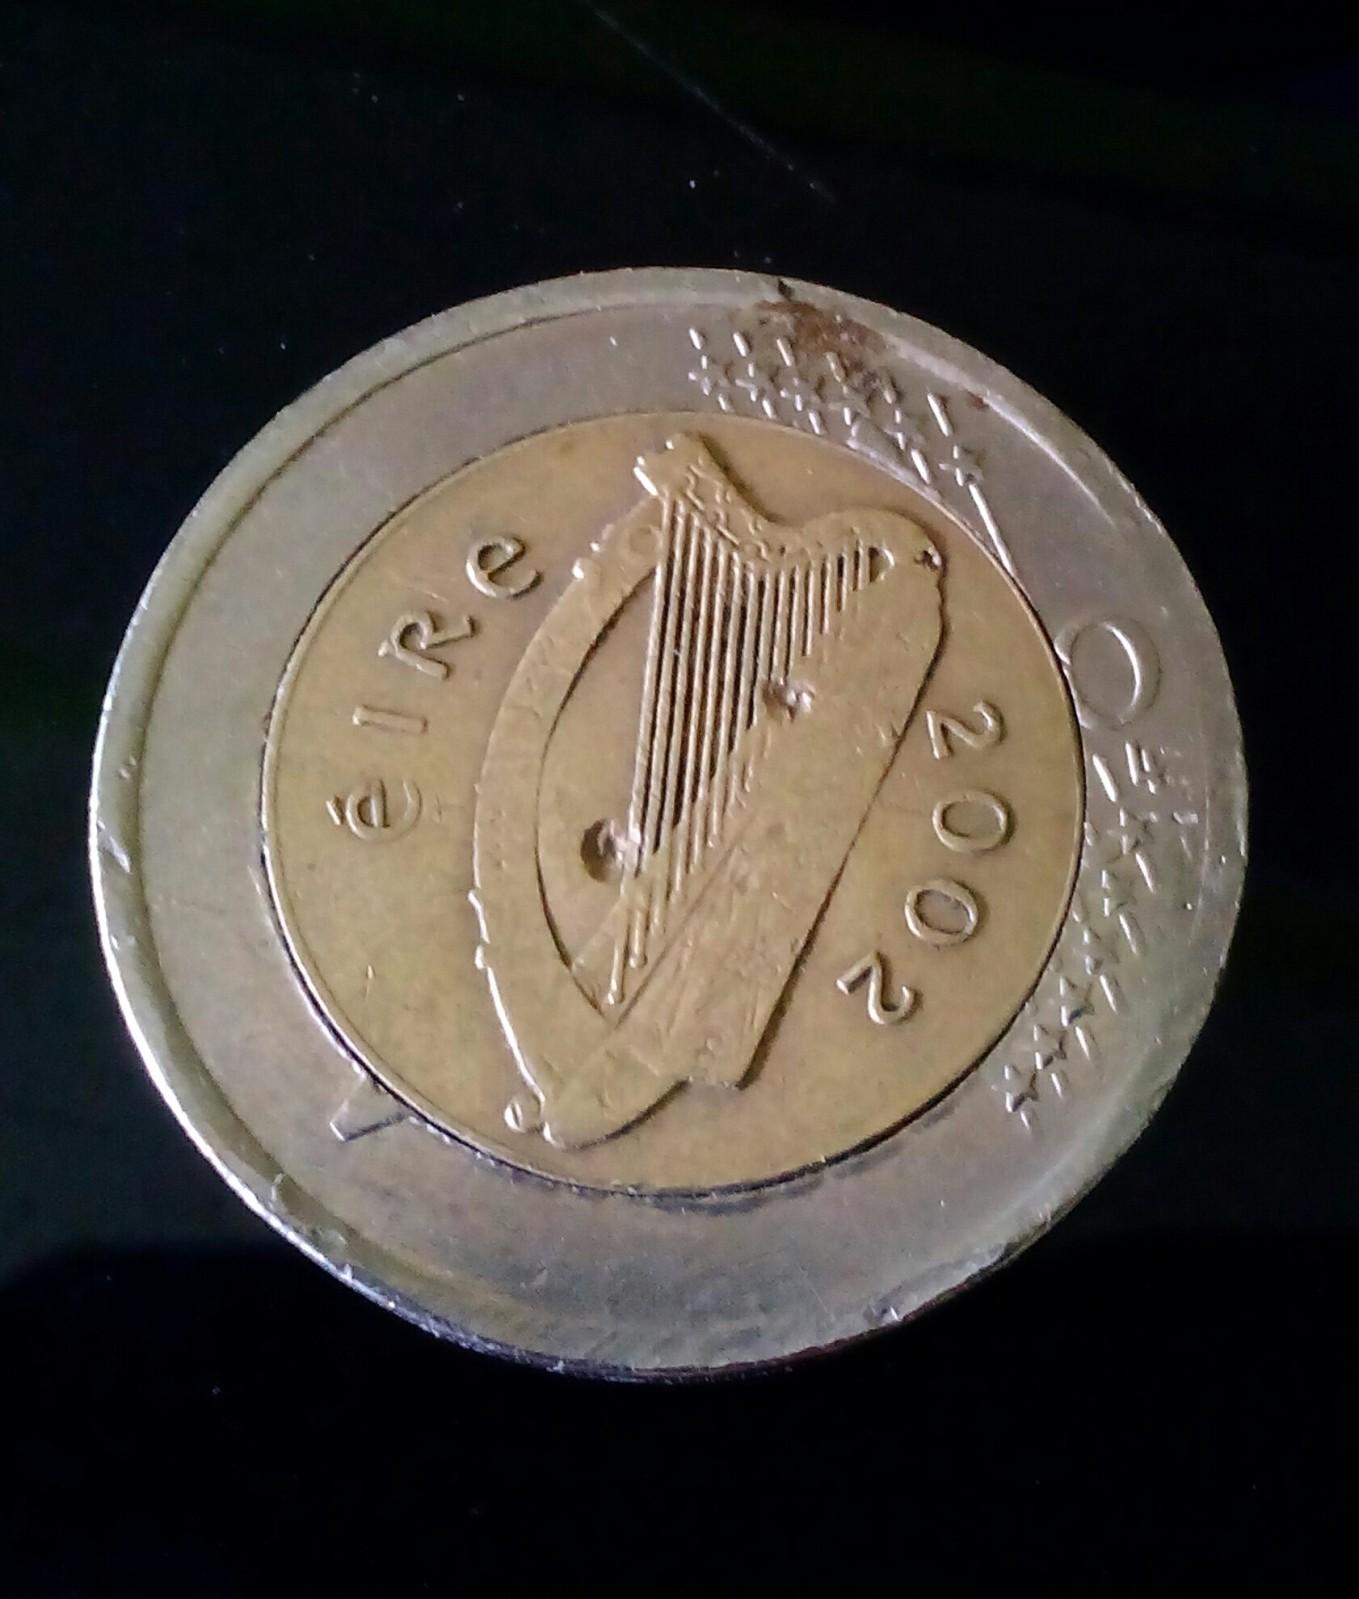 Moneda de 2 euros Irlanda con defectos Nlzzus